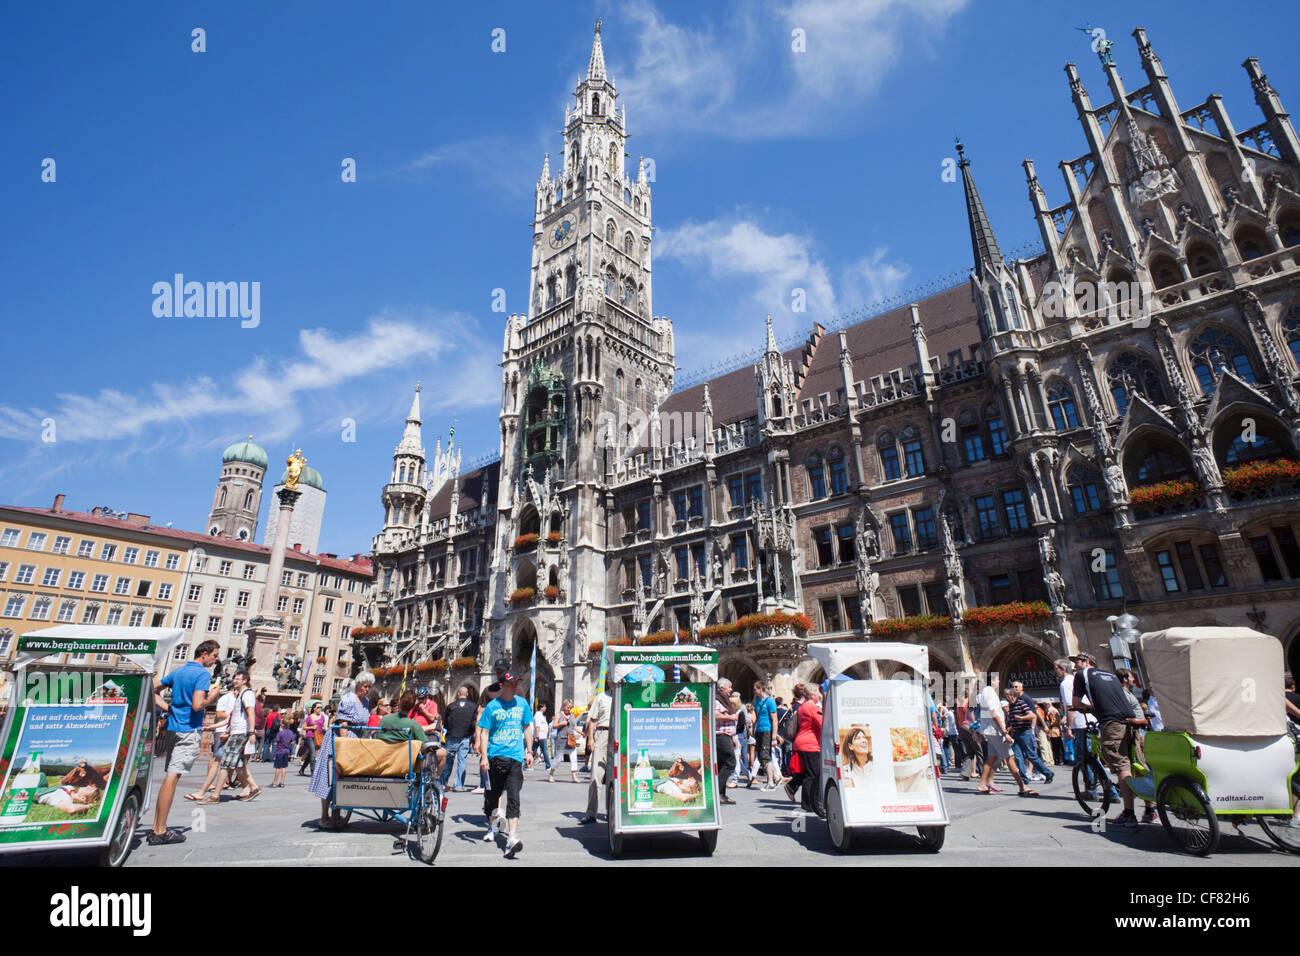 Europe Germany Bavaria Munich Munchen Marienplatz